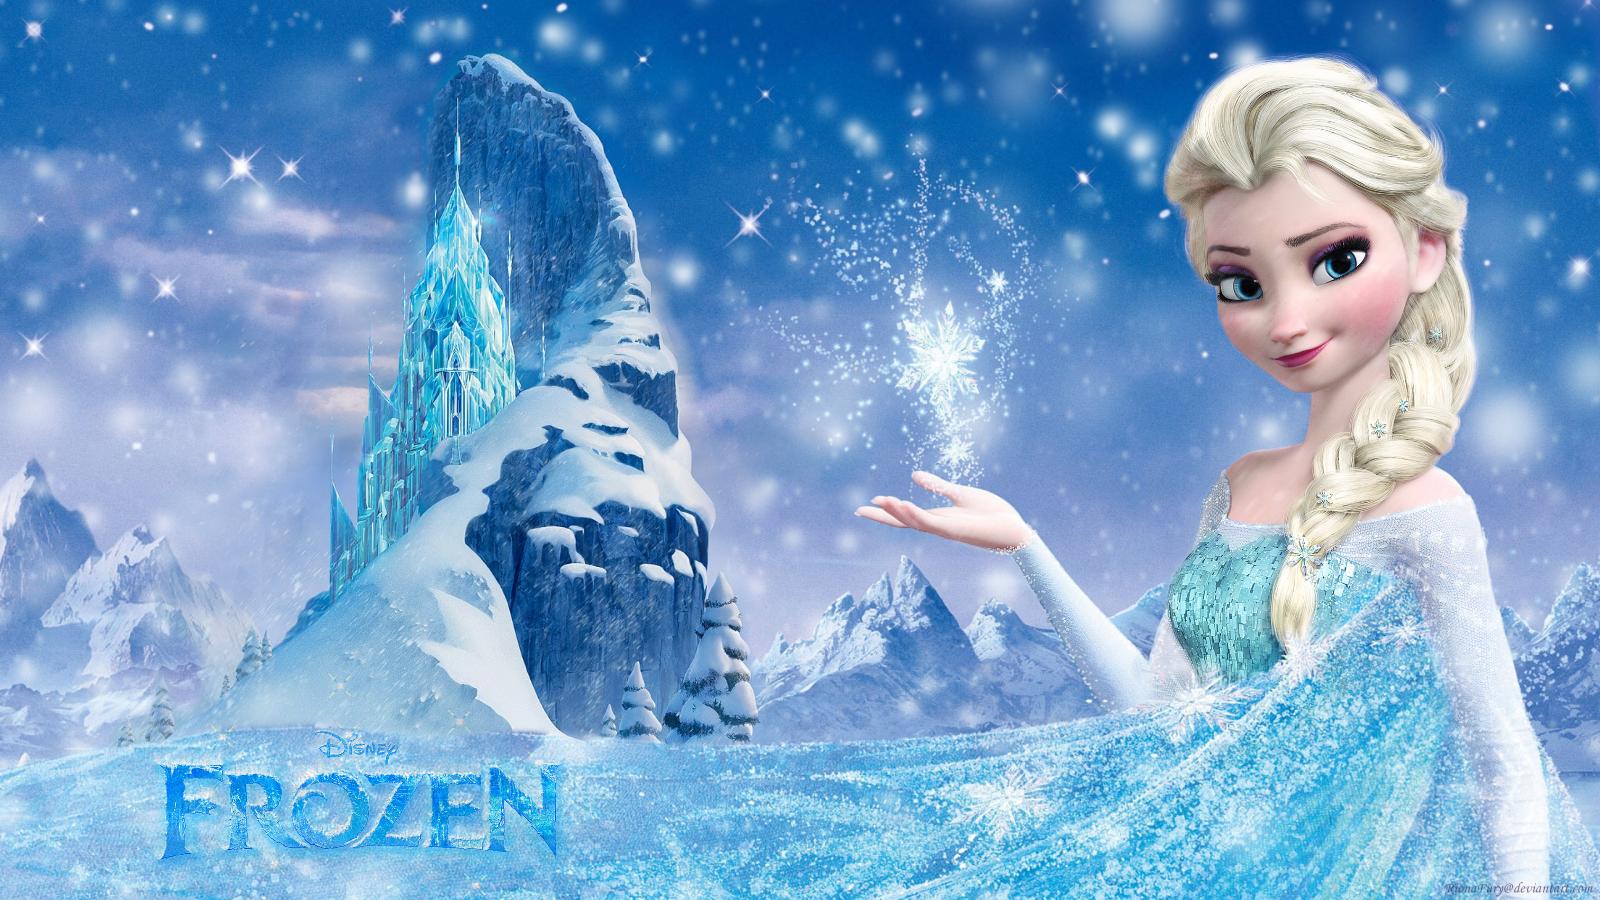 Frozen Elsa Frozen Wallpaper 37732274 Fanpop HTML code